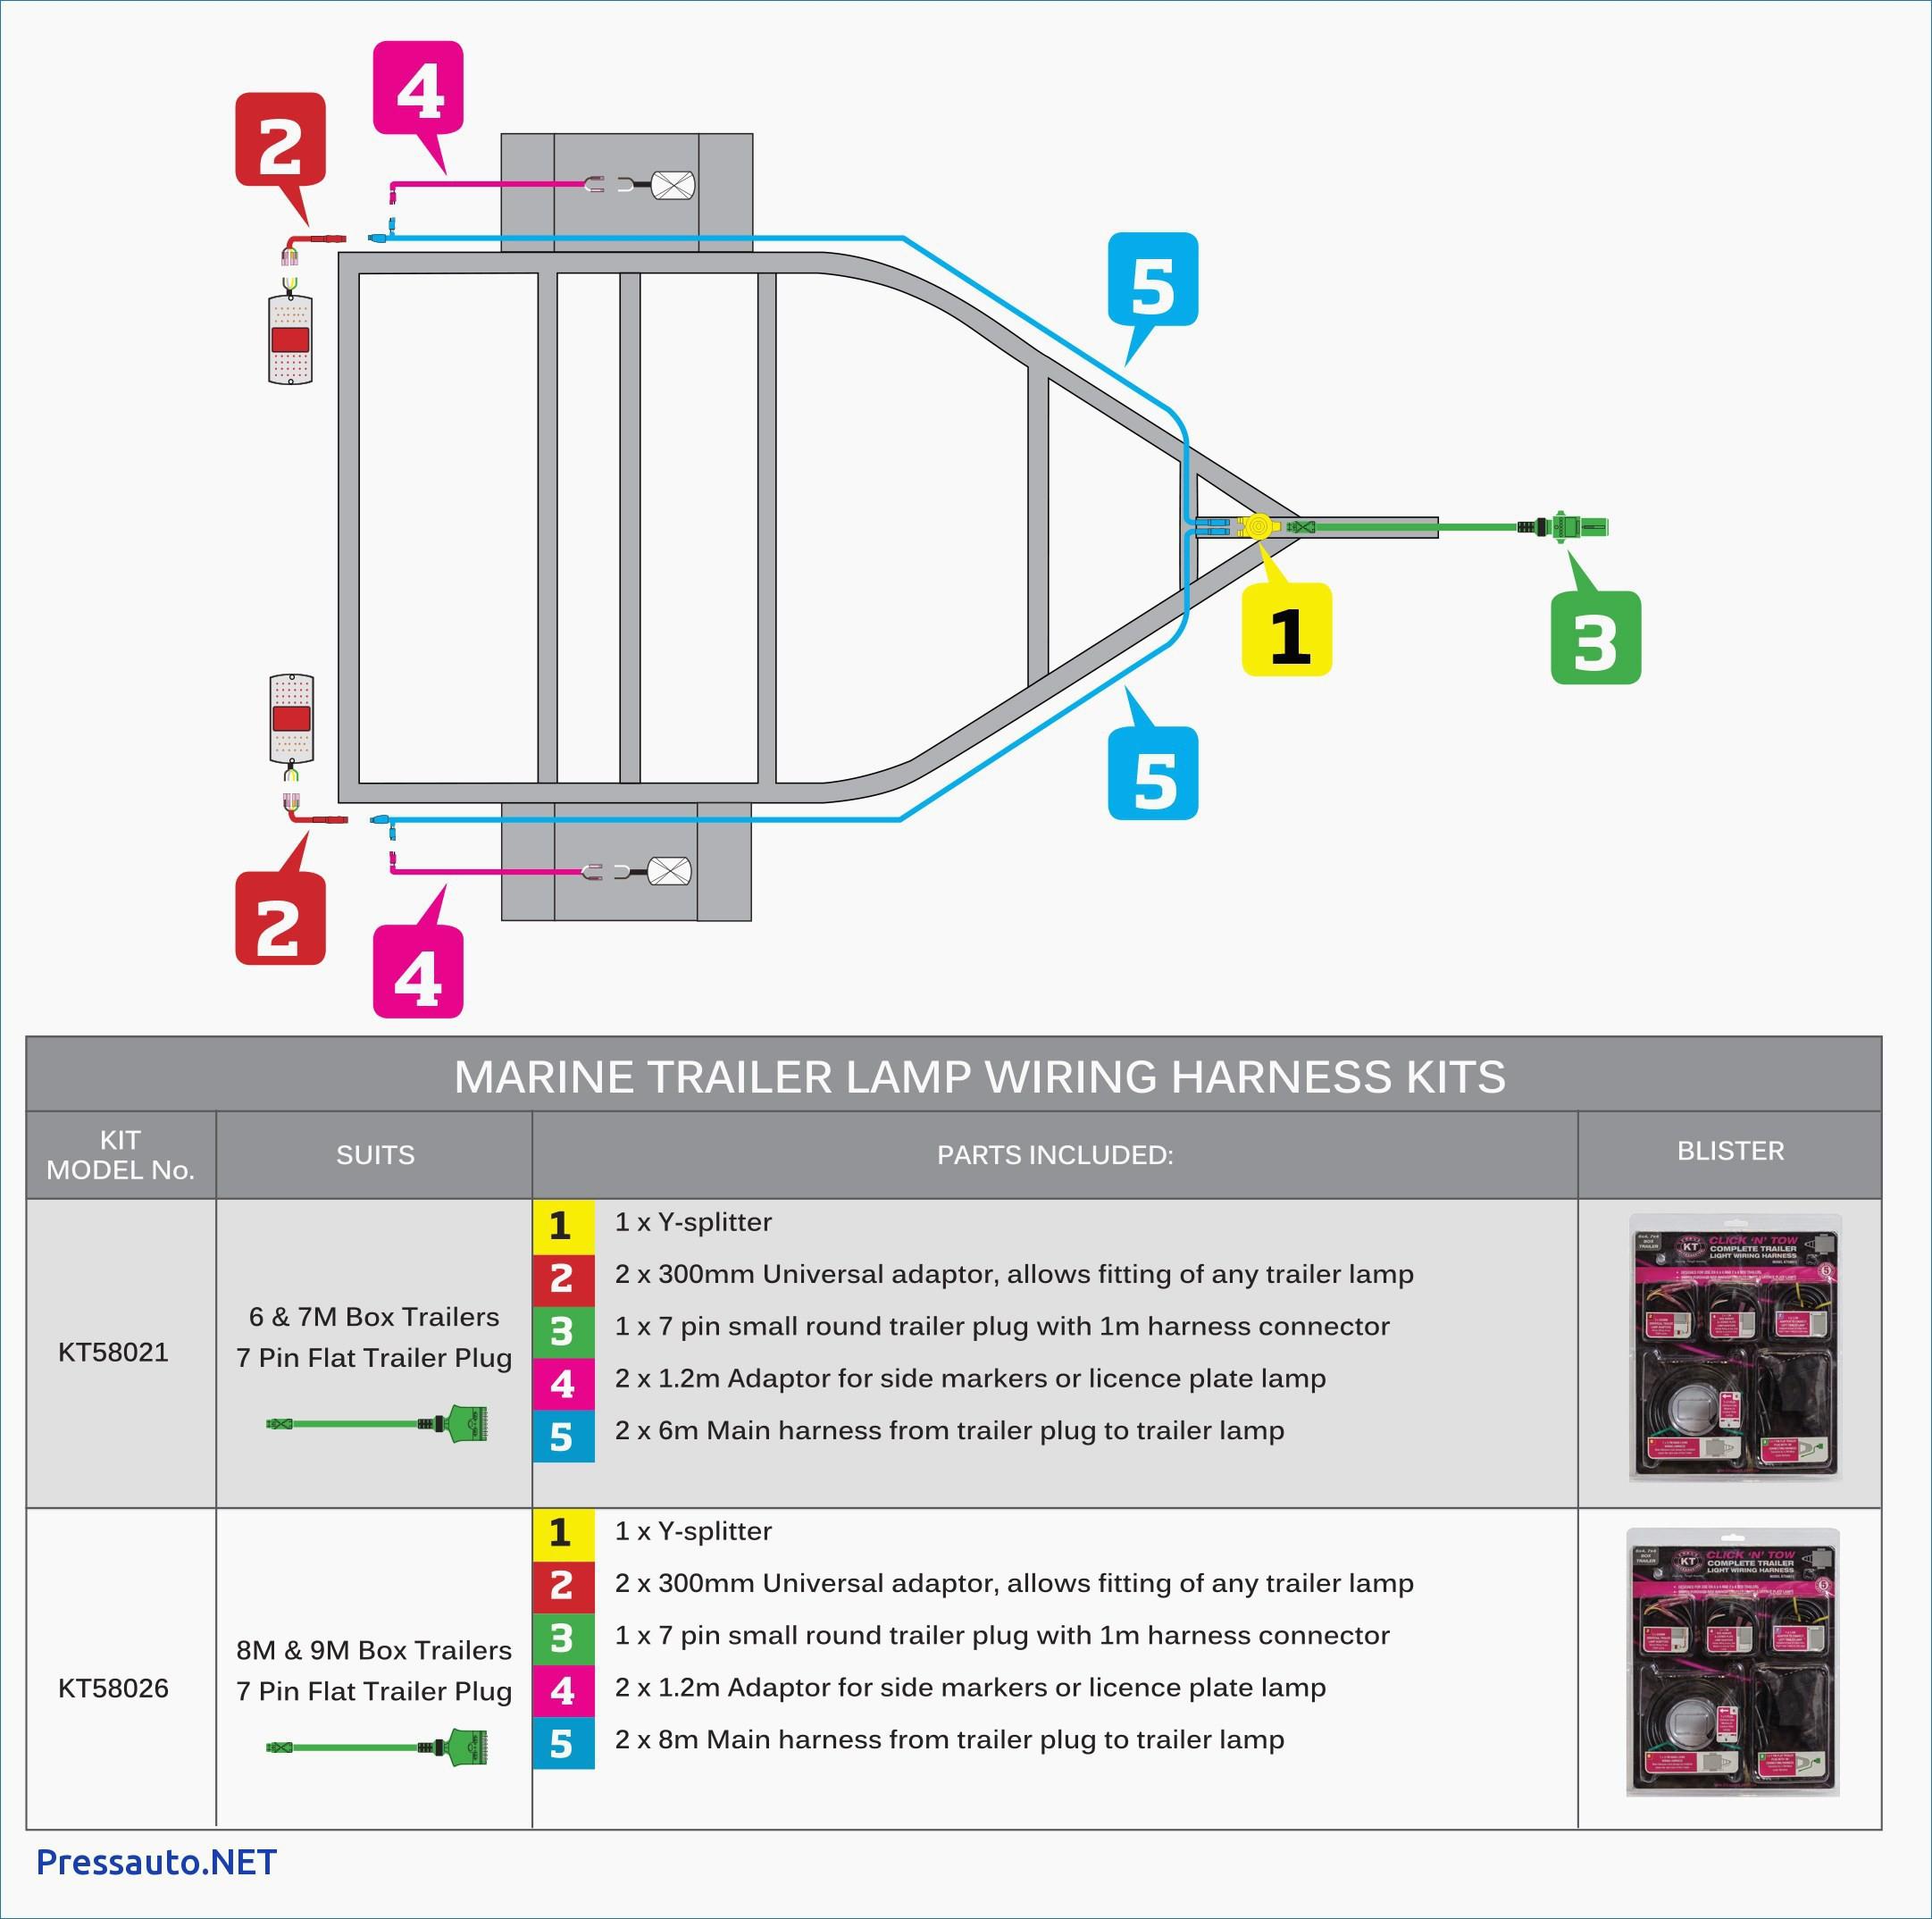 7 Way Round Trailer Wiring Diagram New 7 Wire Trailer Plug Diagram - Trailer Connector Wiring Diagram 7 Way